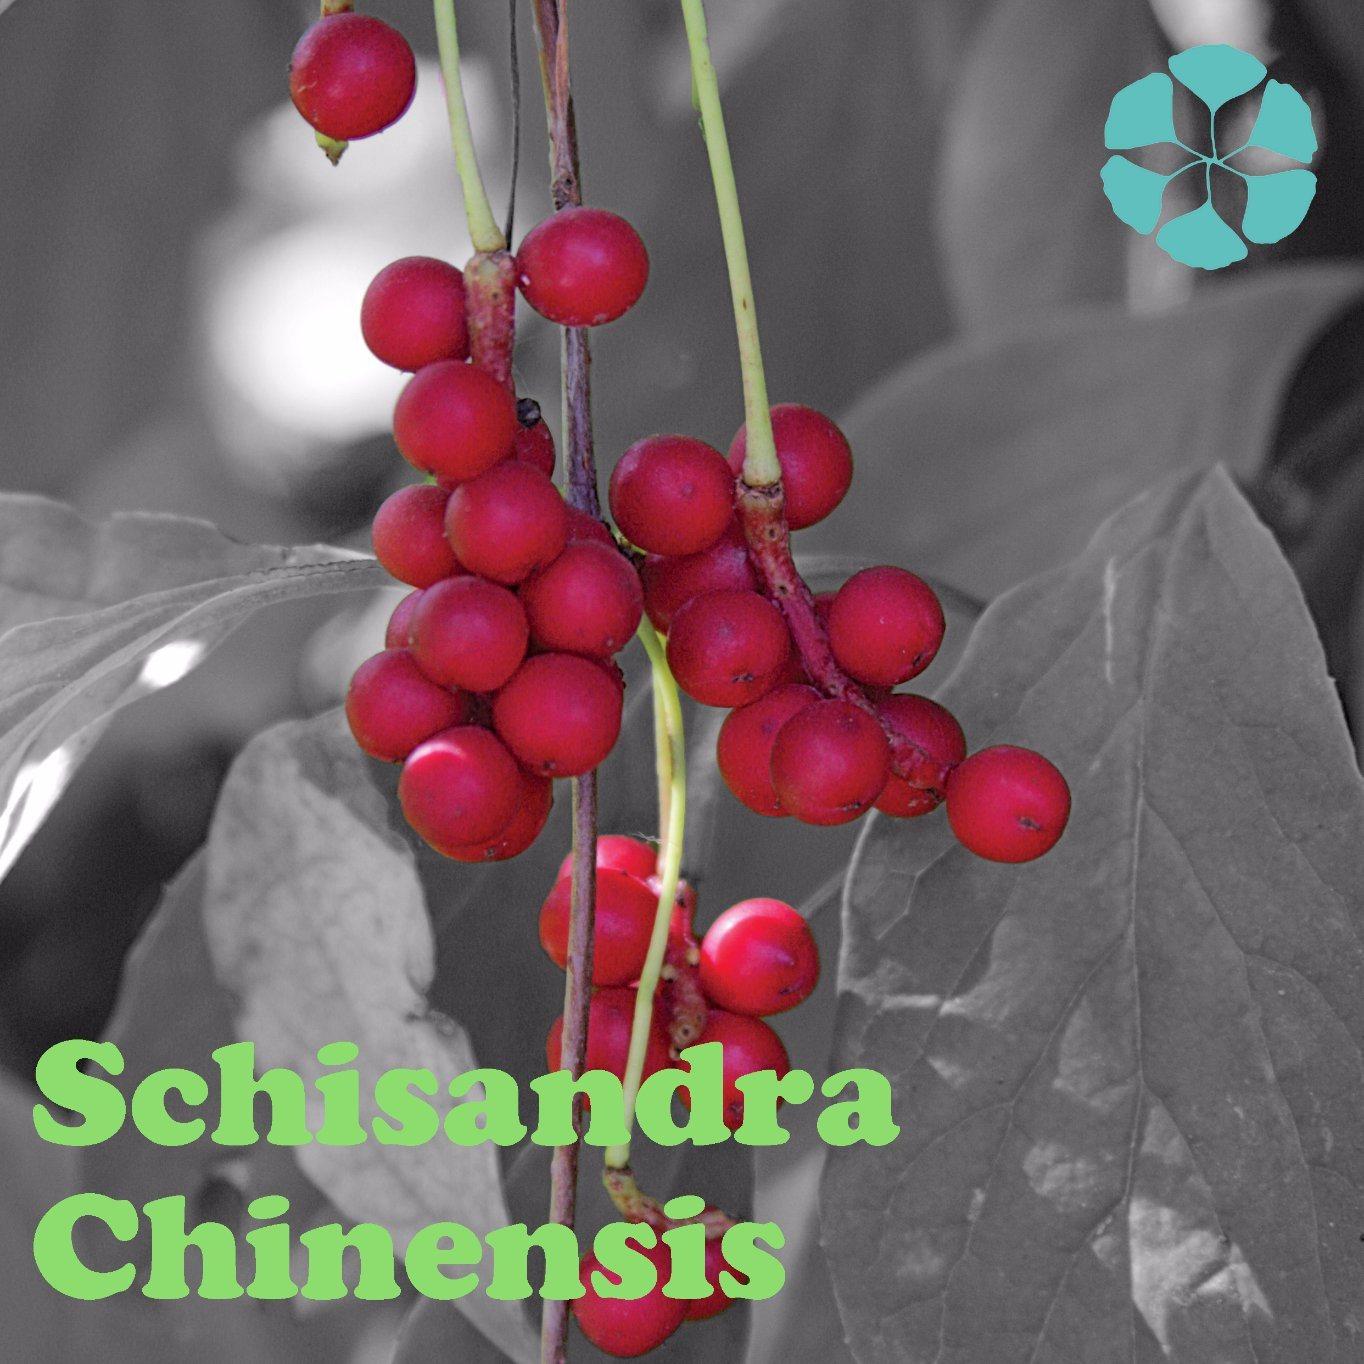 Schisandra Chinensis Extract / Fructus Schisandrae Extract / Schisandrins